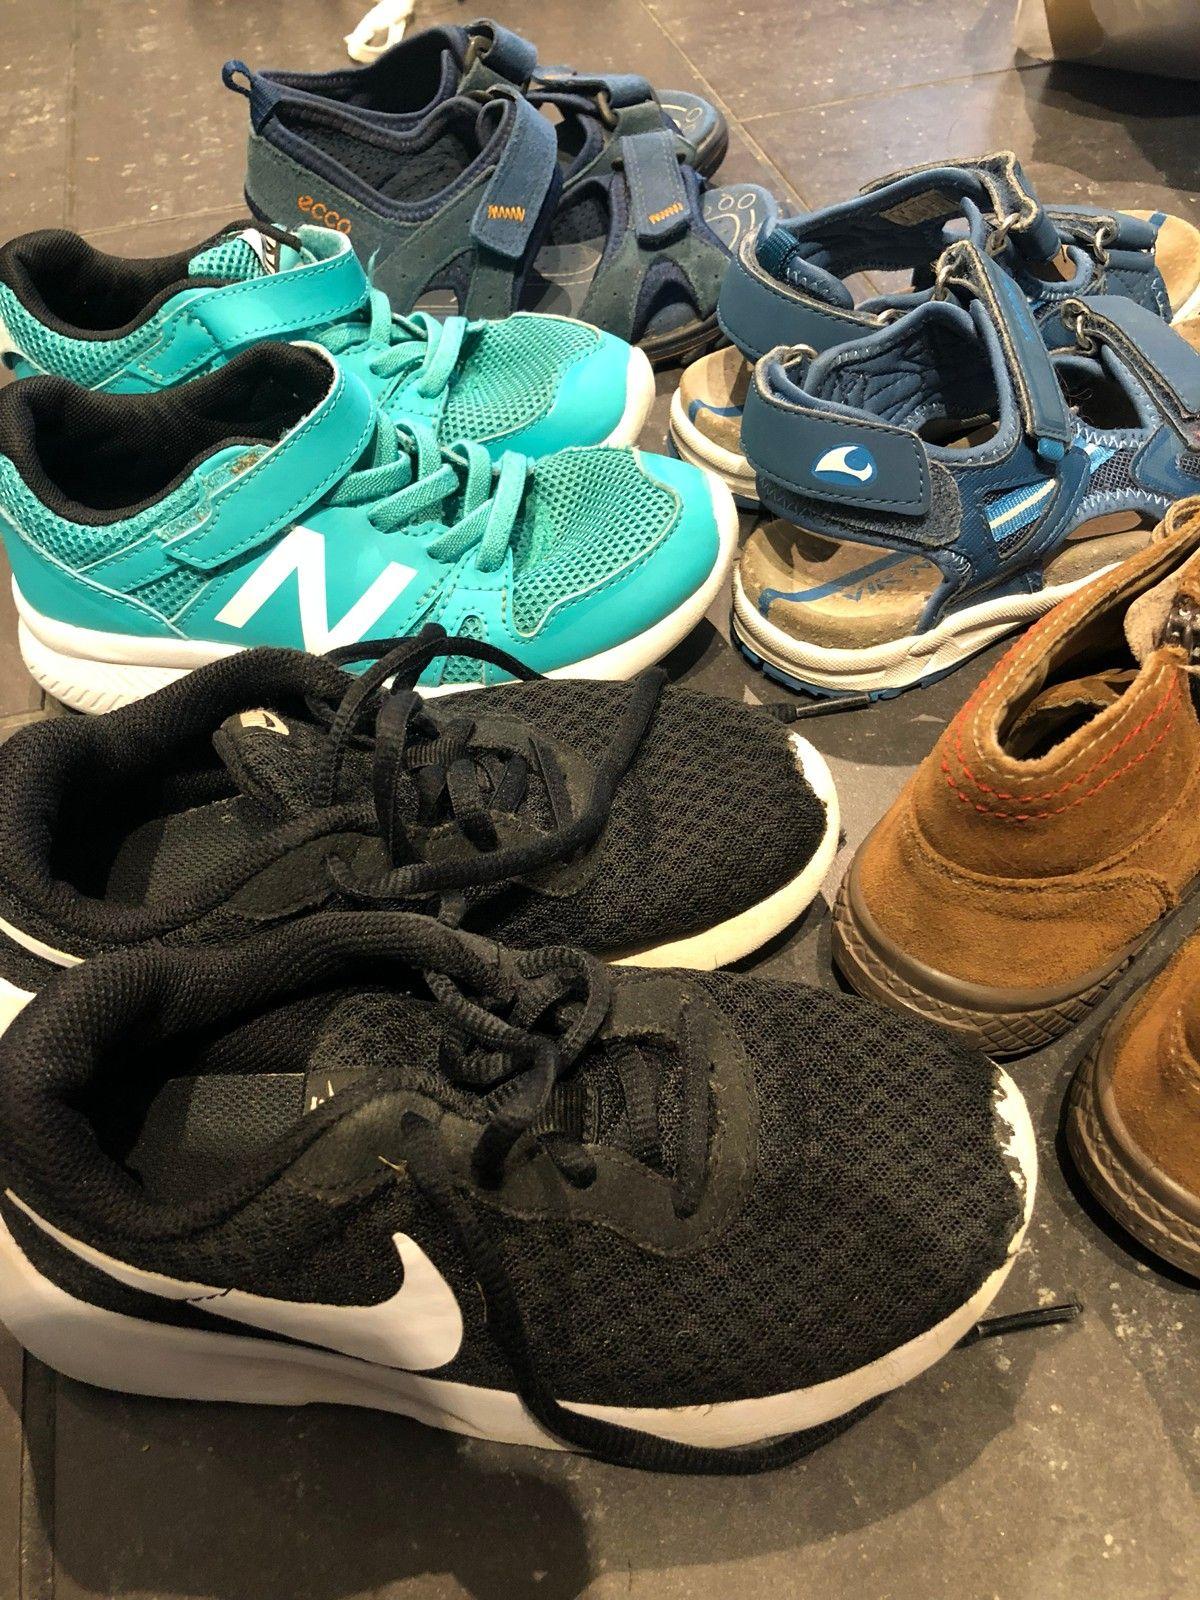 Div merkesko til gutt, bla Ecco , Nike | FINN.no